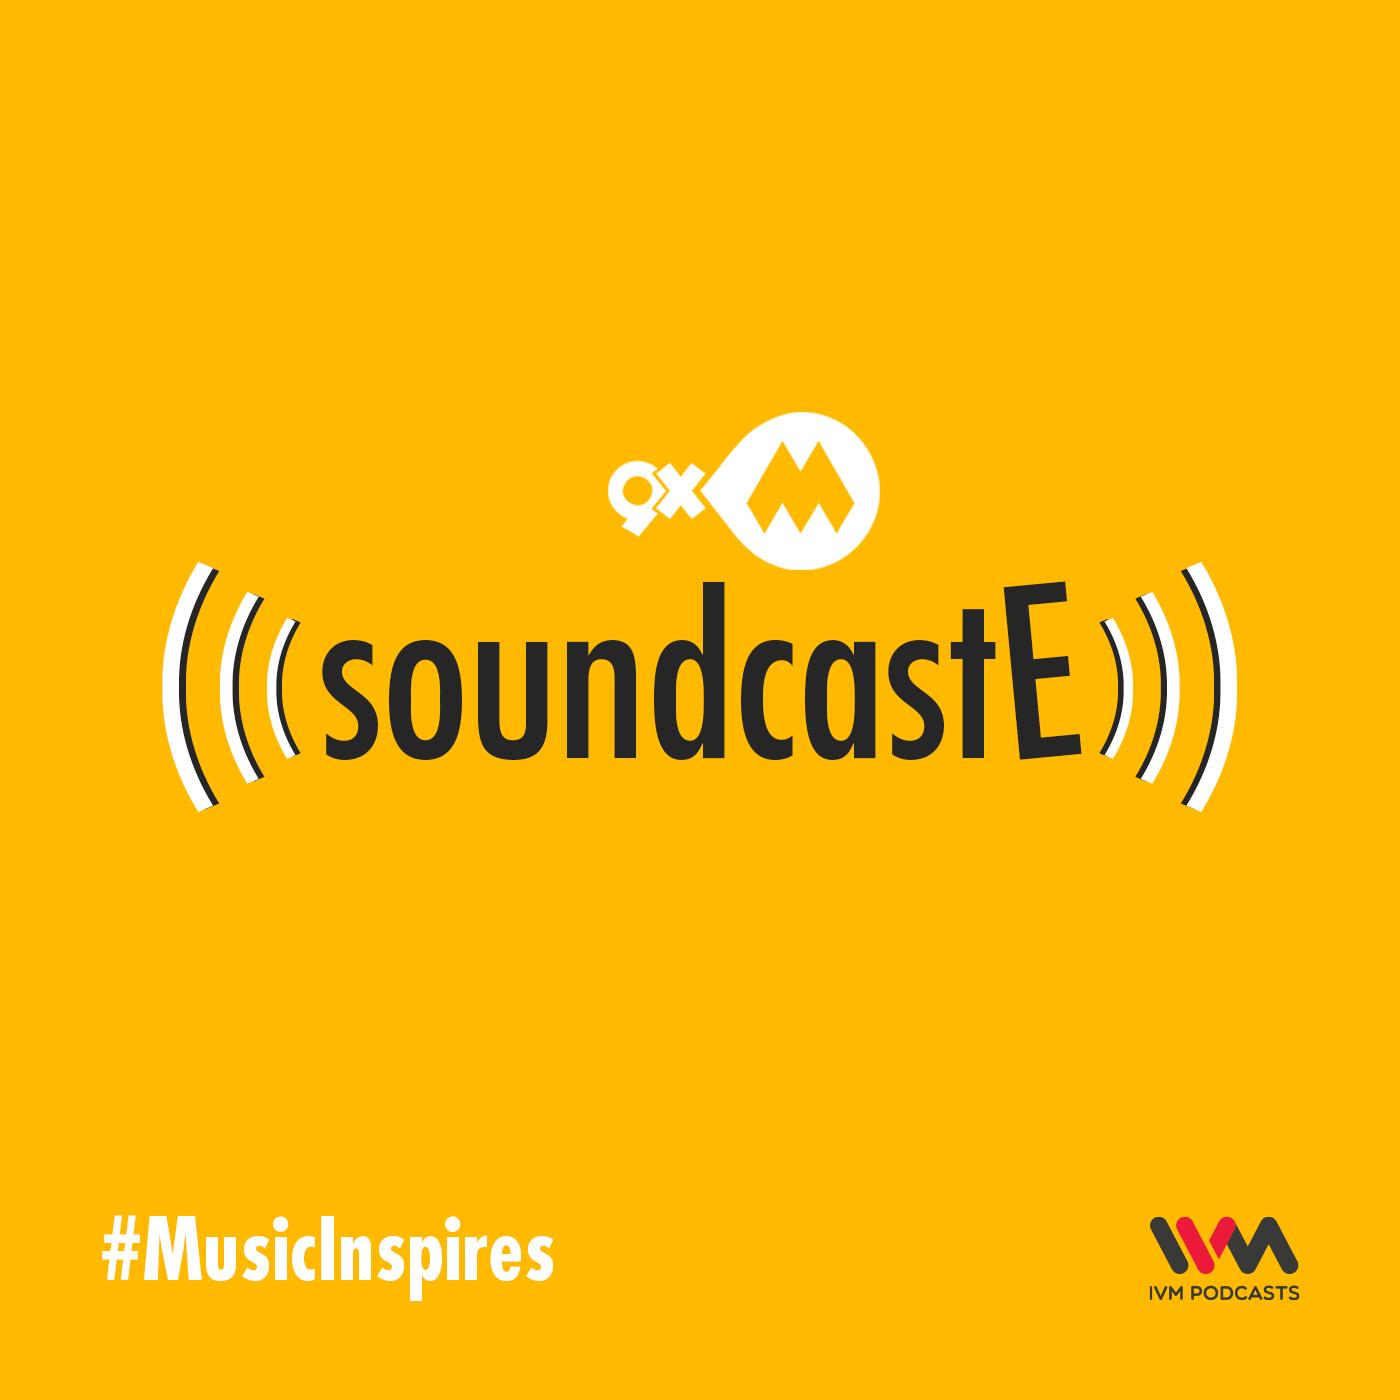 9XM SoundcastE show art